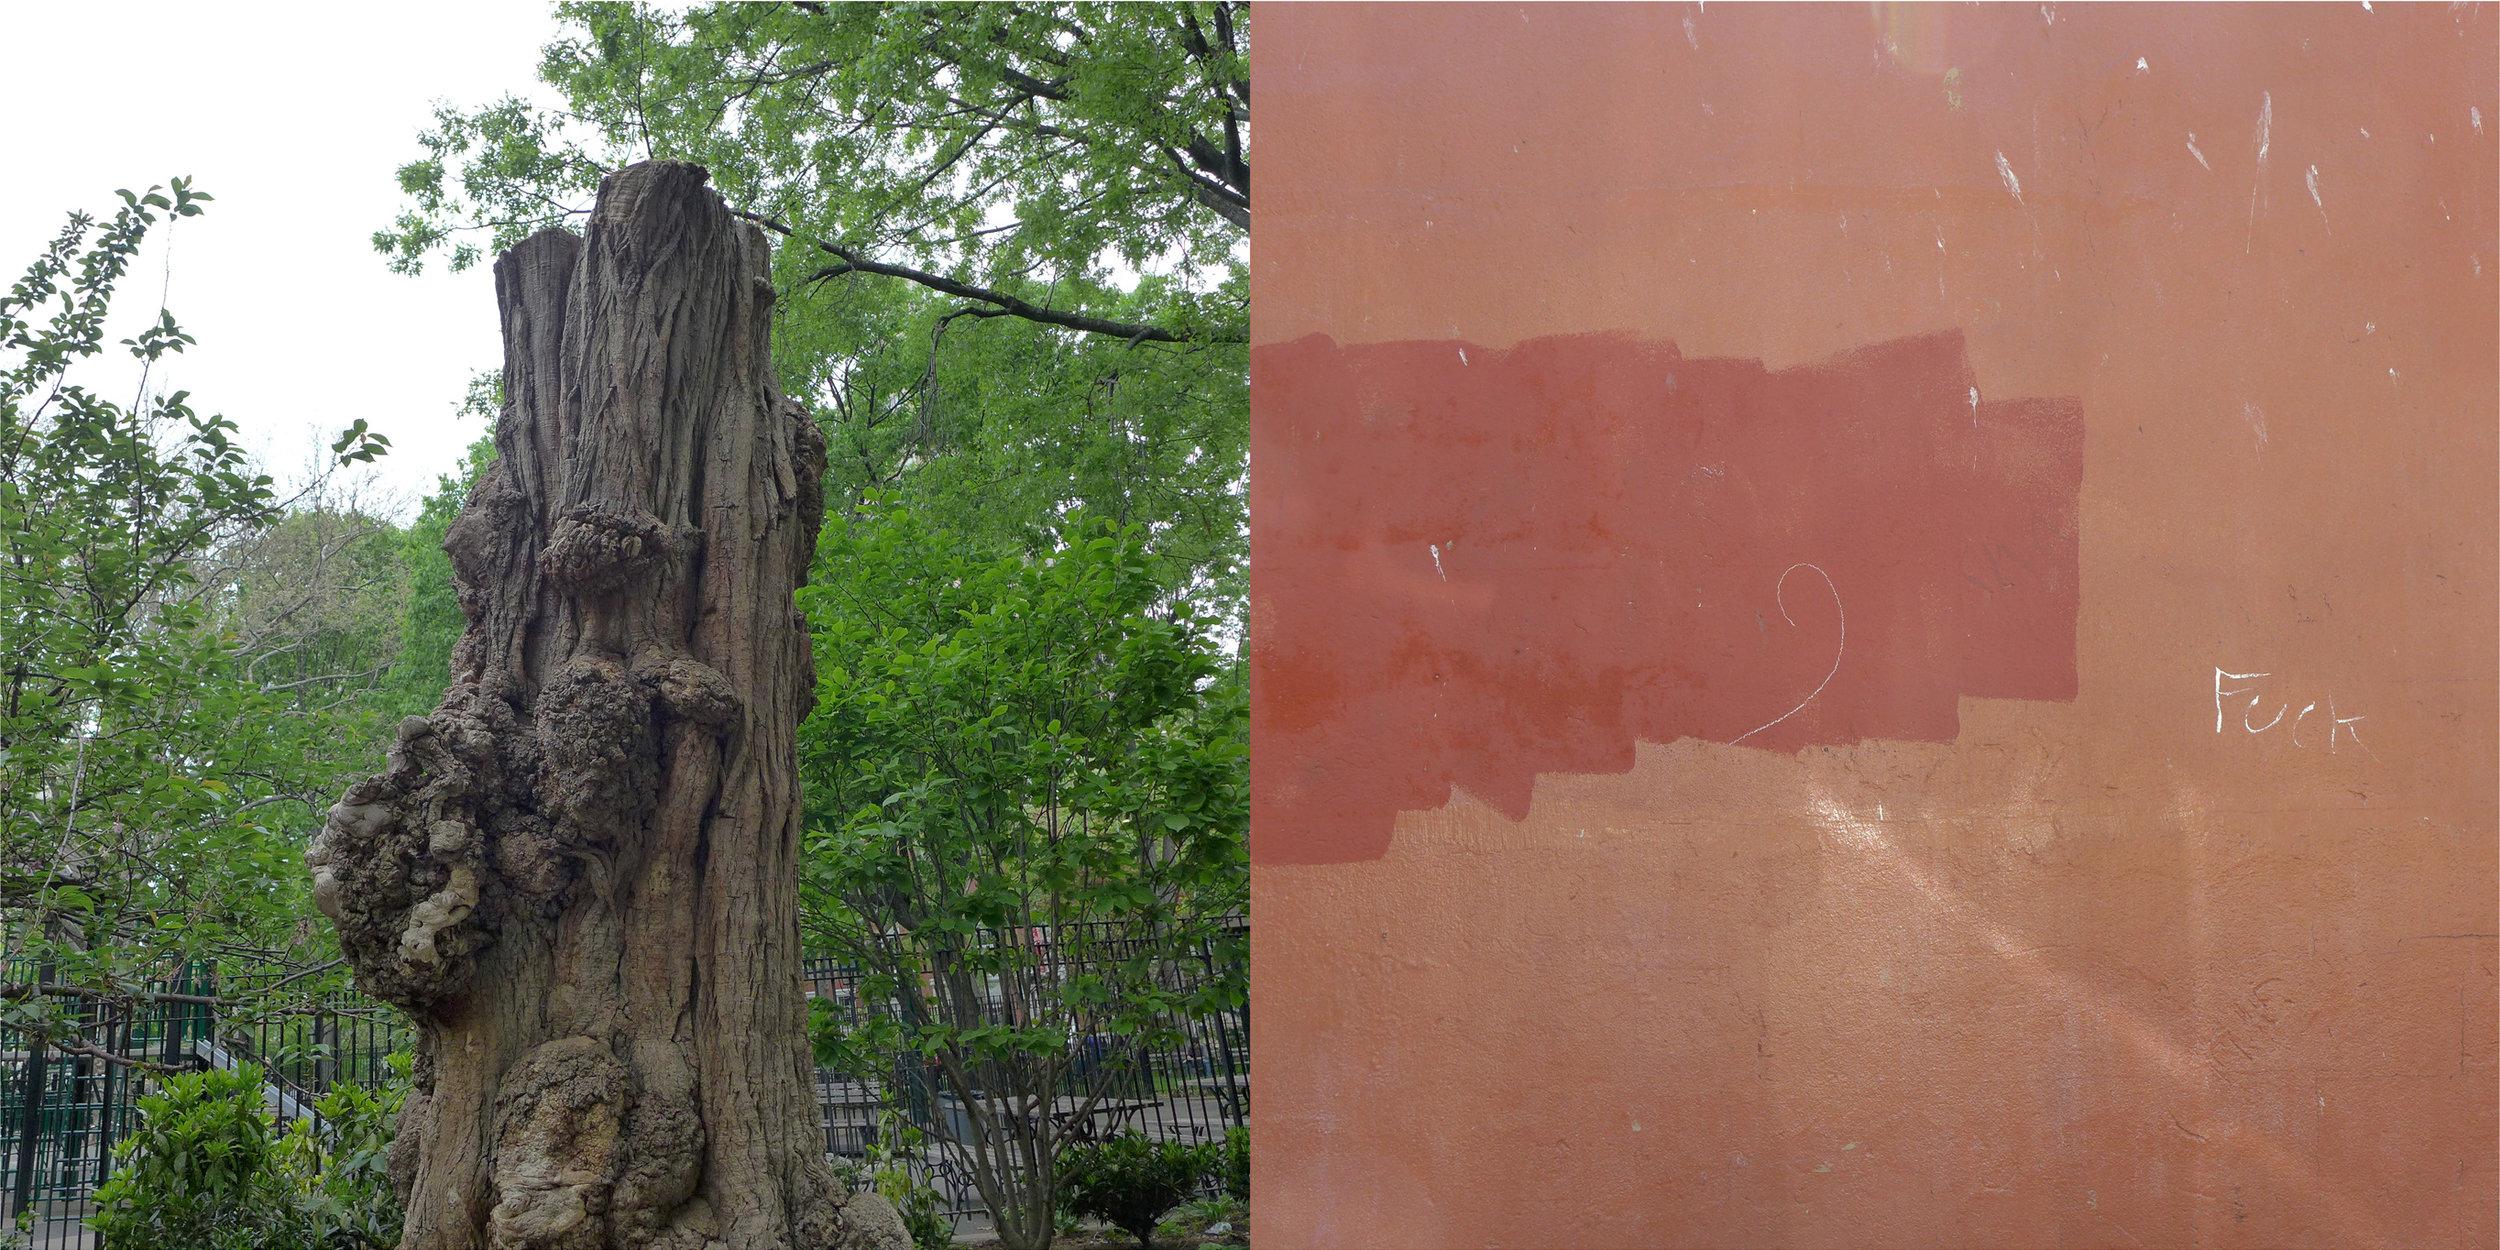 Tree, Washington Square Park & Graffiti